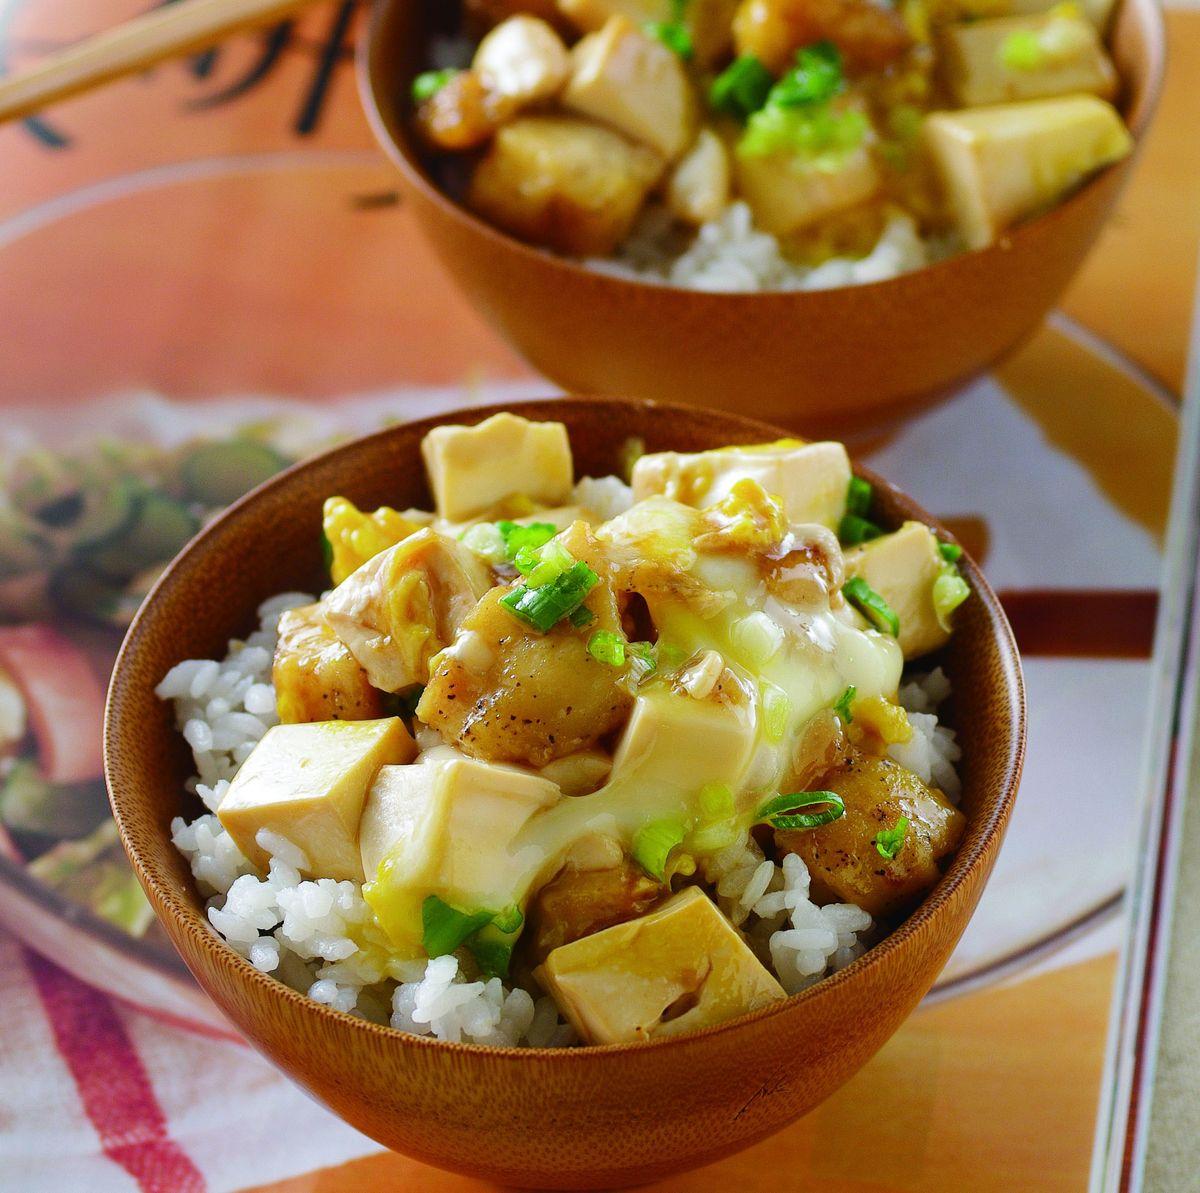 食譜:鯛魚豆腐丁蓋飯